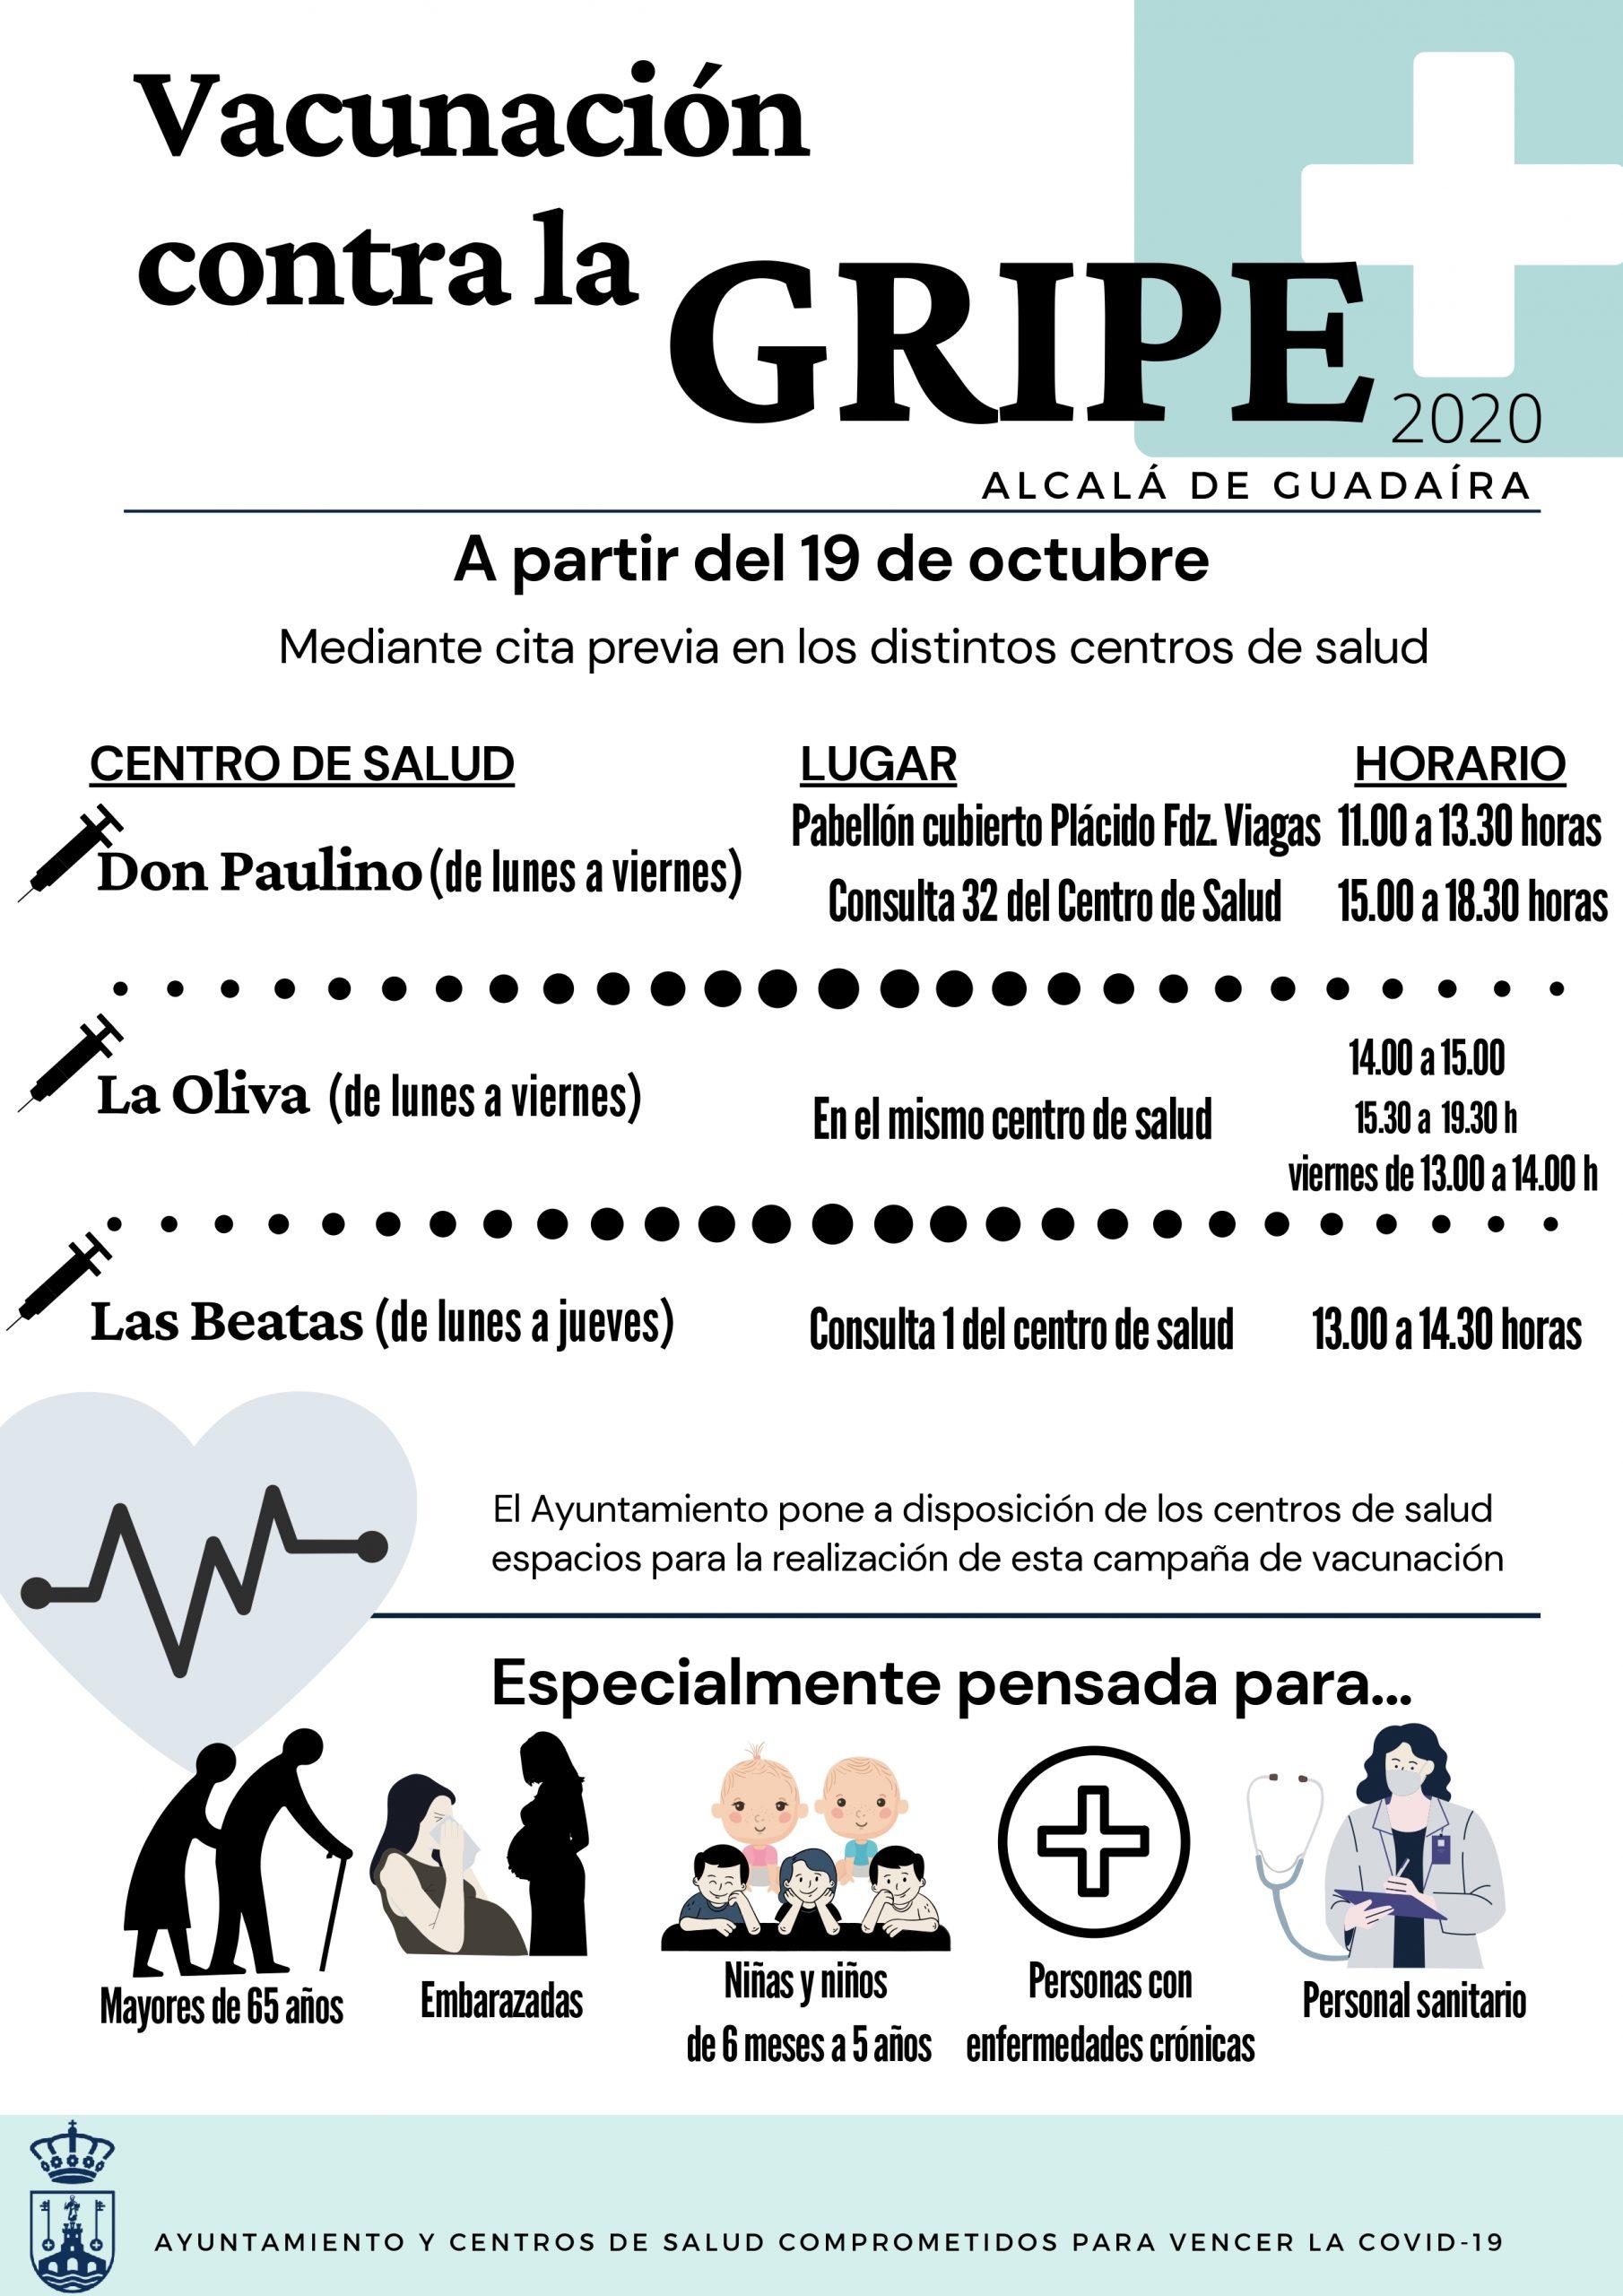 Cartel vacunación contra la gripe 2020